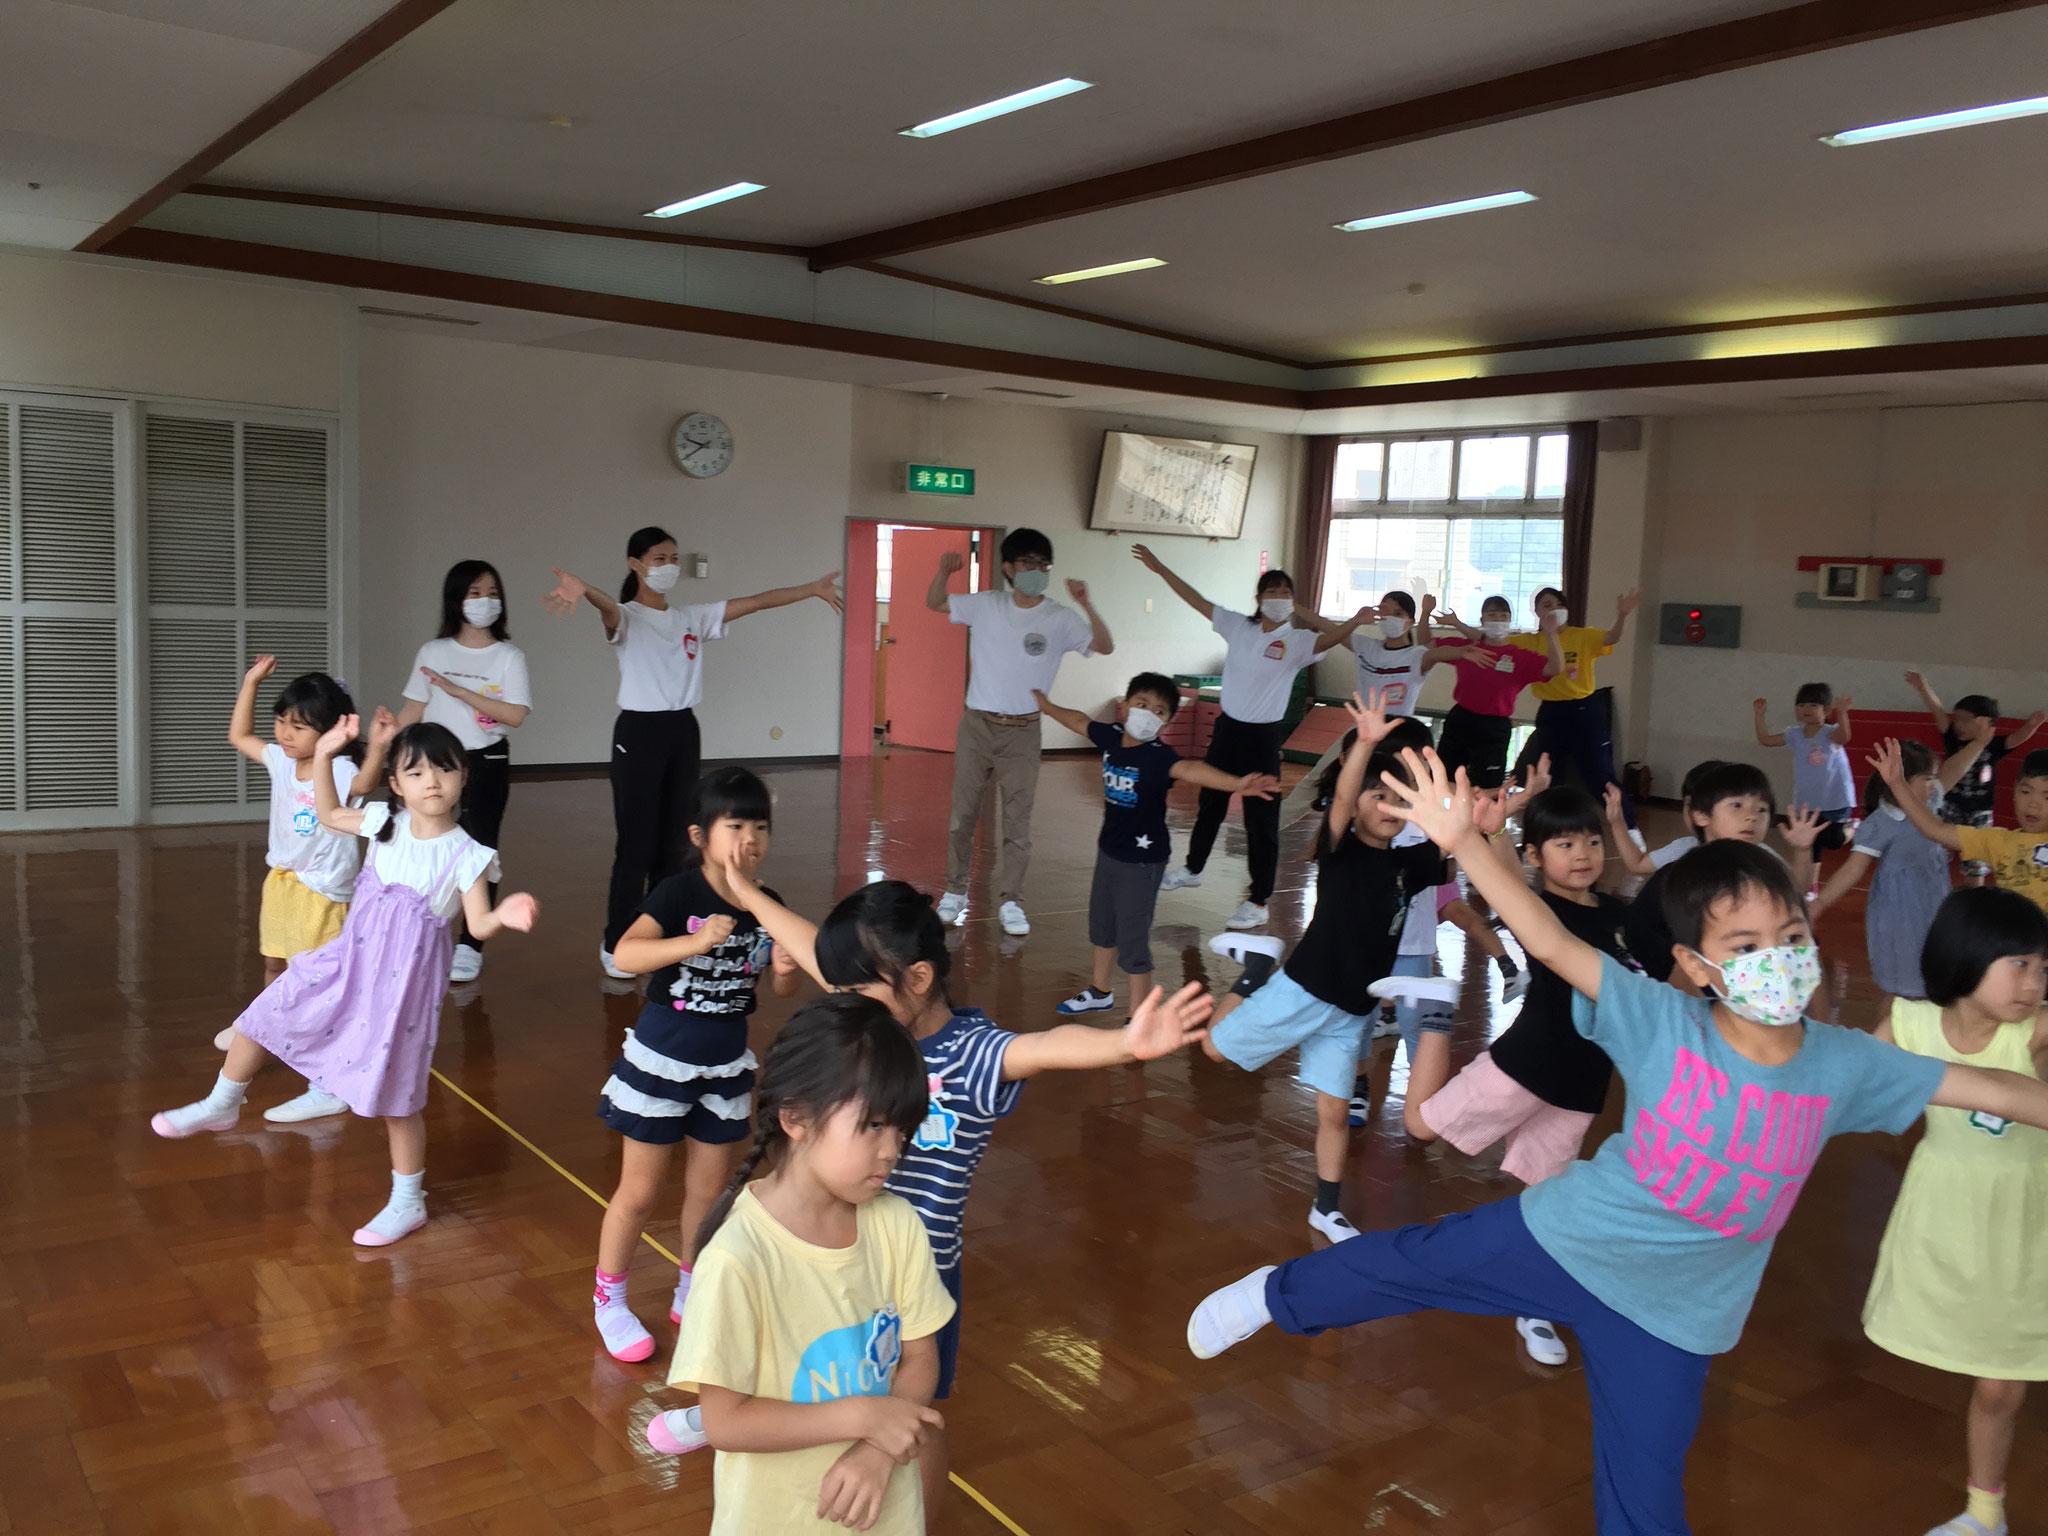 みんなで夏祭りの練習もしました。